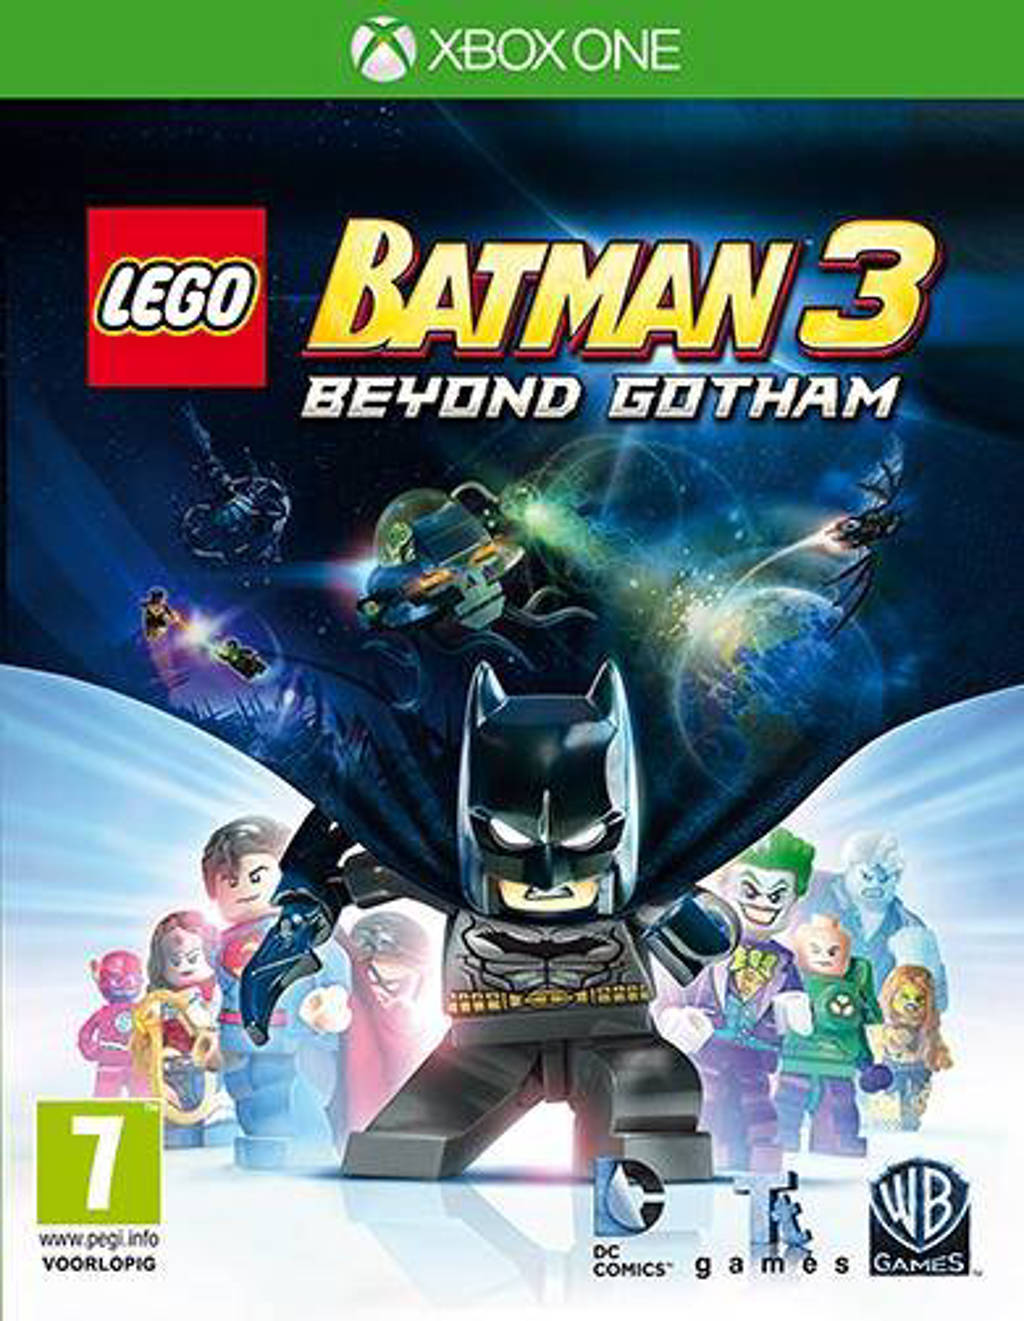 LEGO Batman 3 - Beyond Gotham (Xbox One)